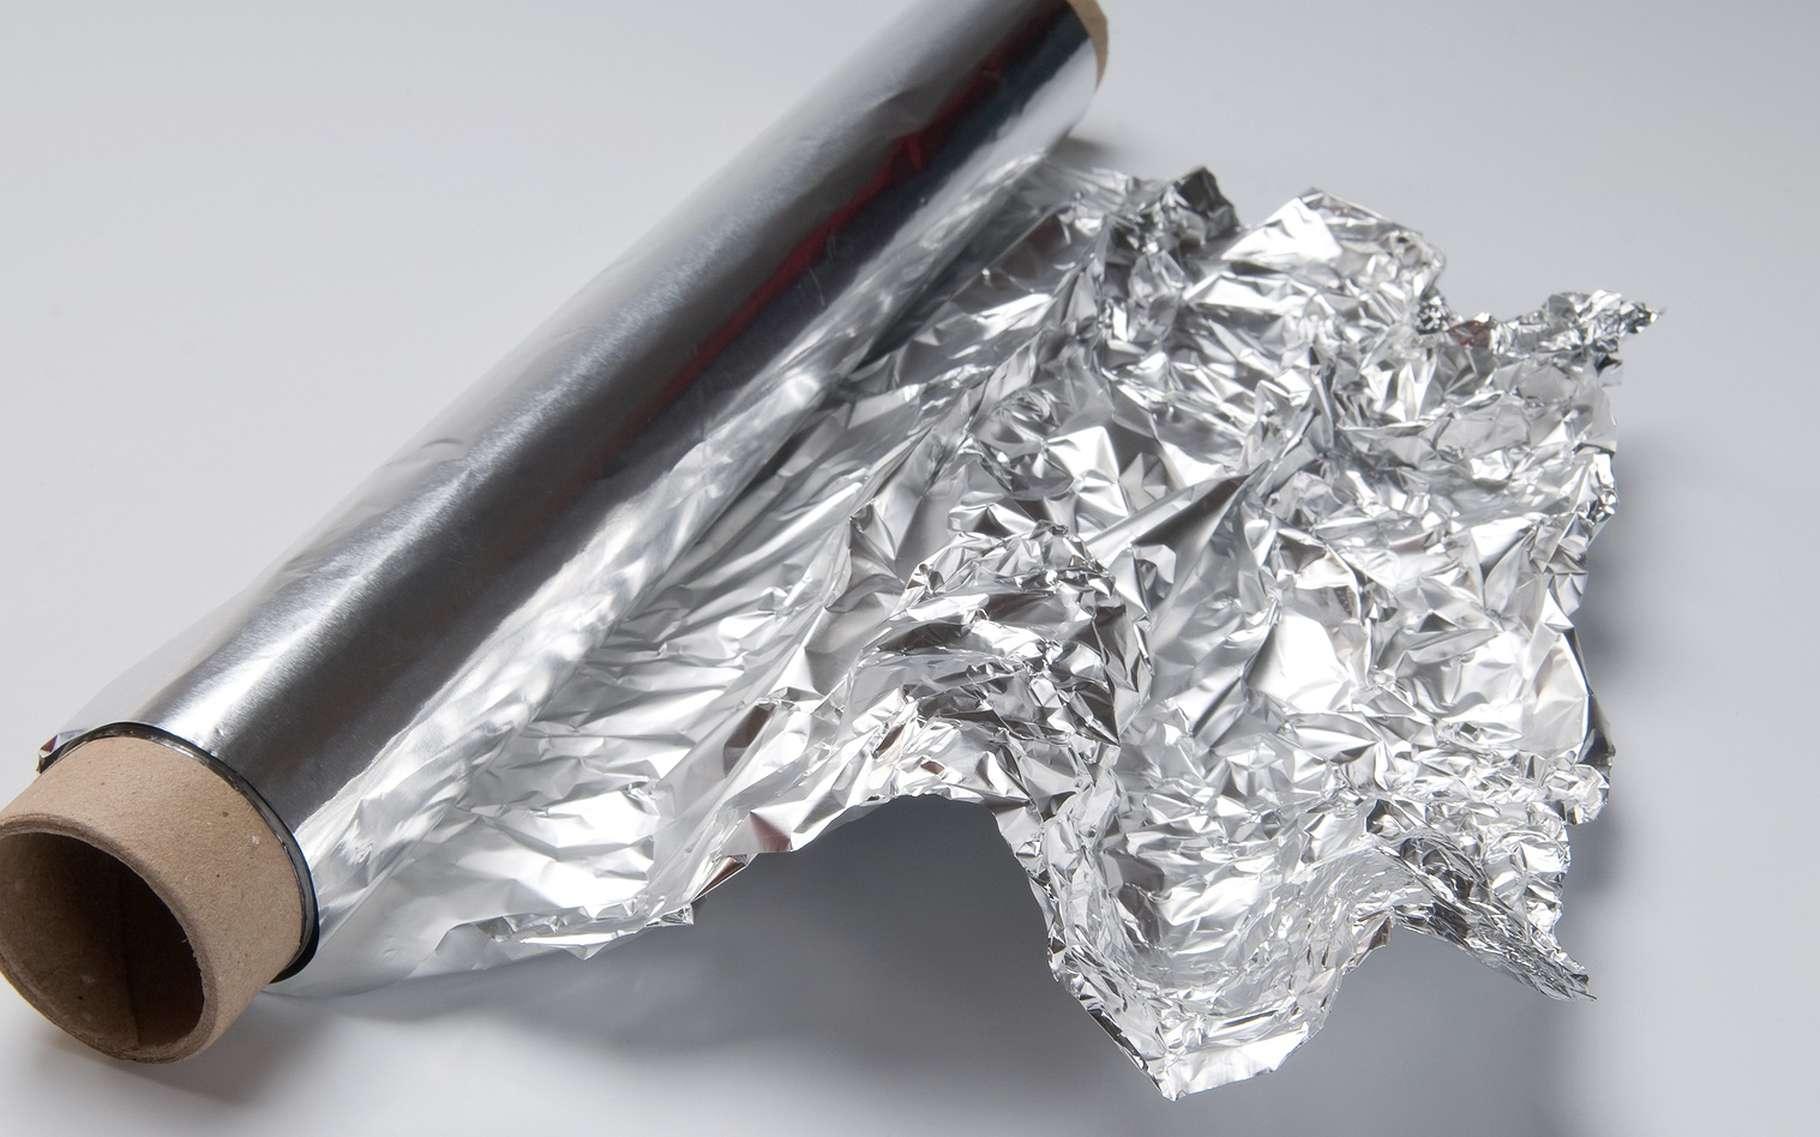 parlons de l 39 aluminium bh vitrier paris artisan vitrerie miroiterie. Black Bedroom Furniture Sets. Home Design Ideas